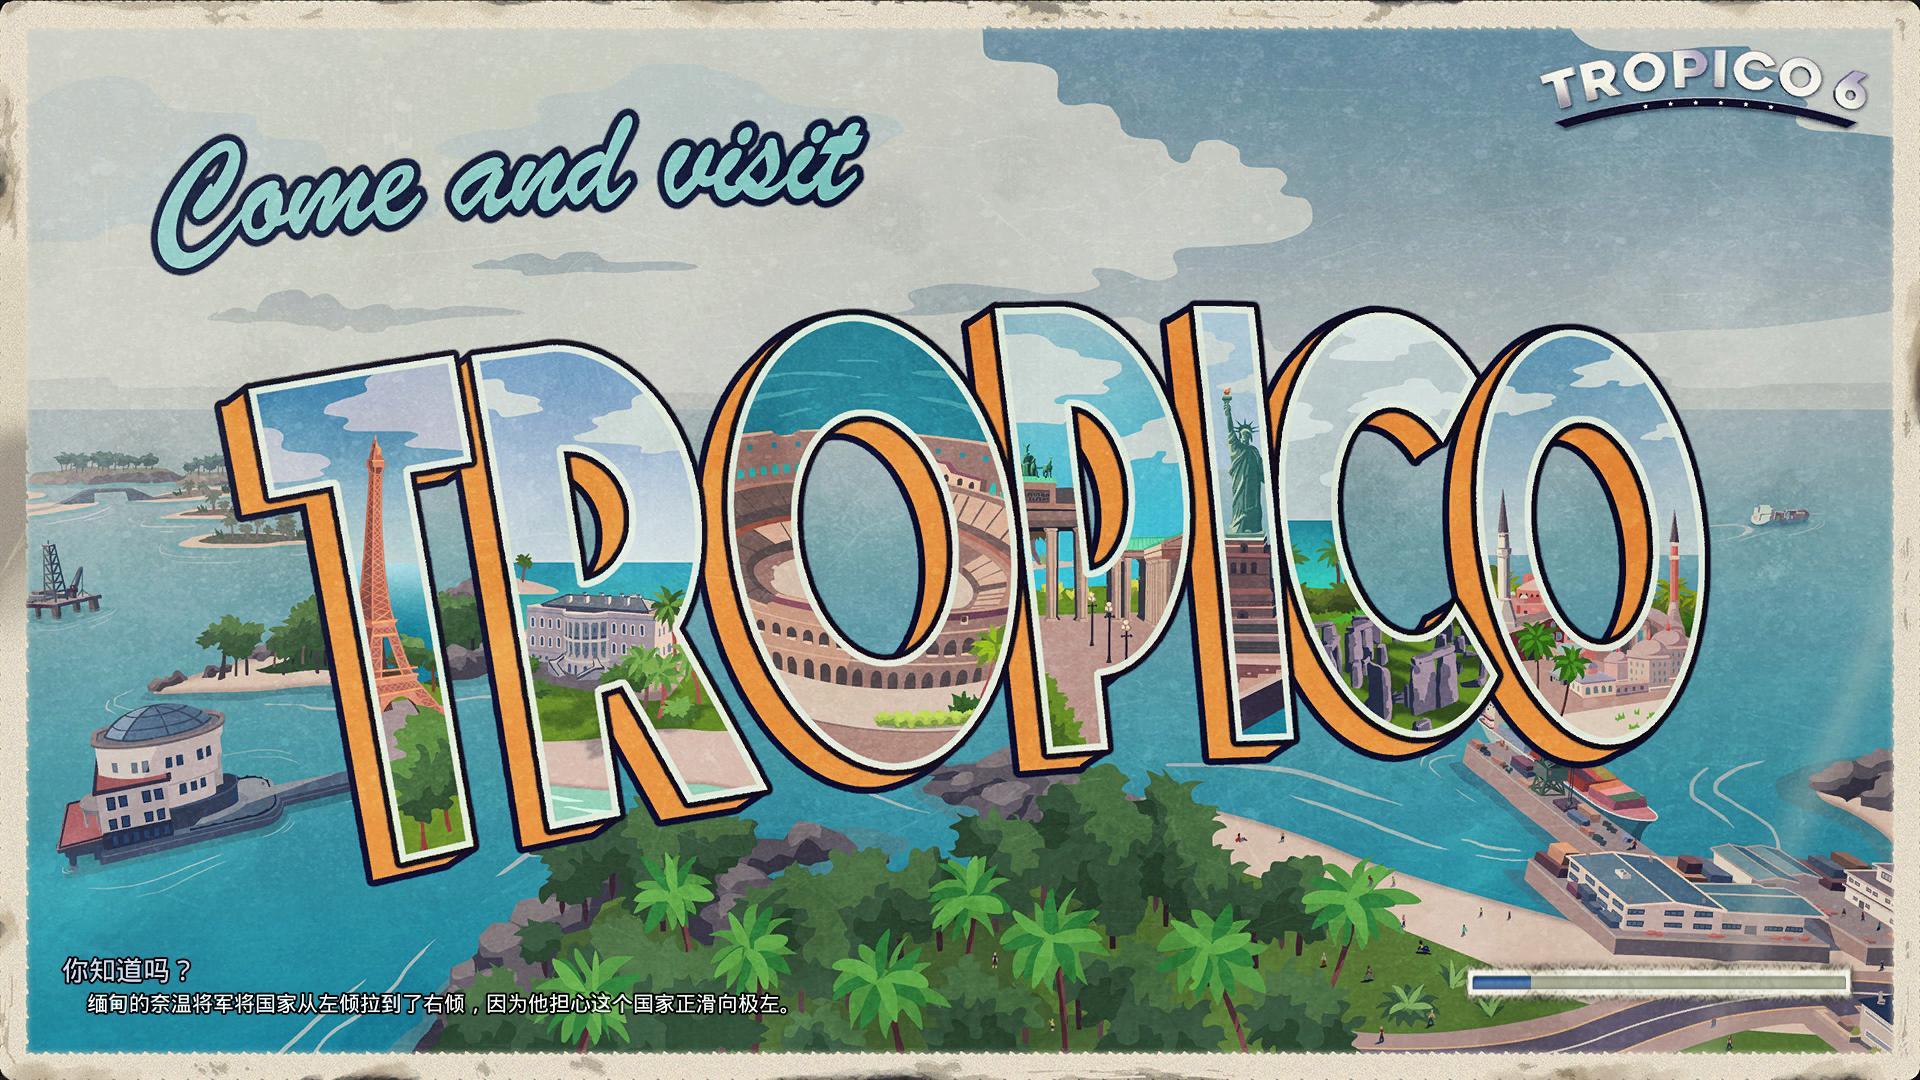 Tropico6-Win64-Shipping 2019-03-30 10-21-29-53.jpg